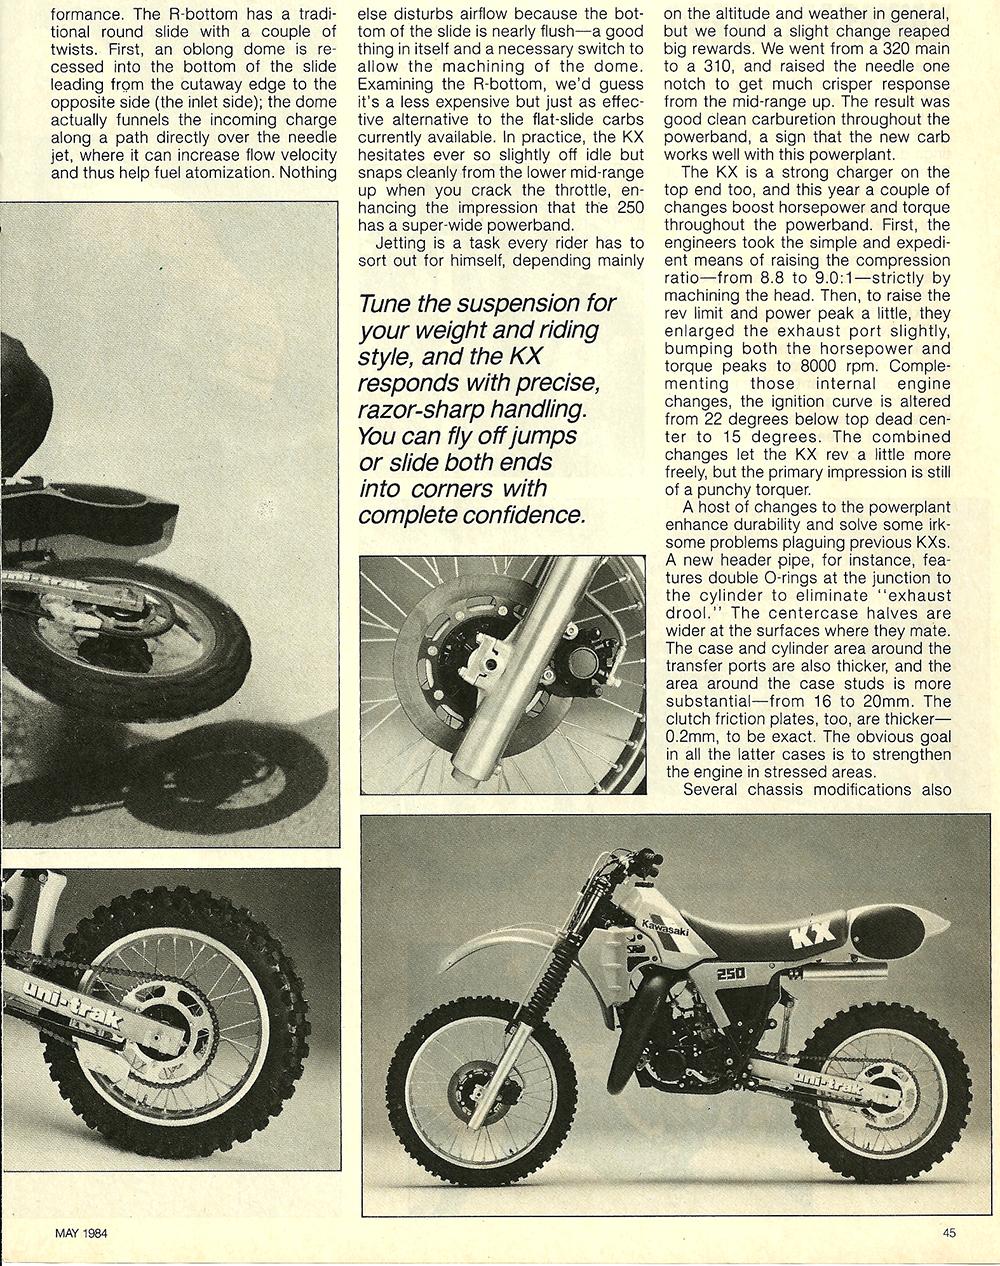 1984 Kawasaki KX250 road test 4.jpg